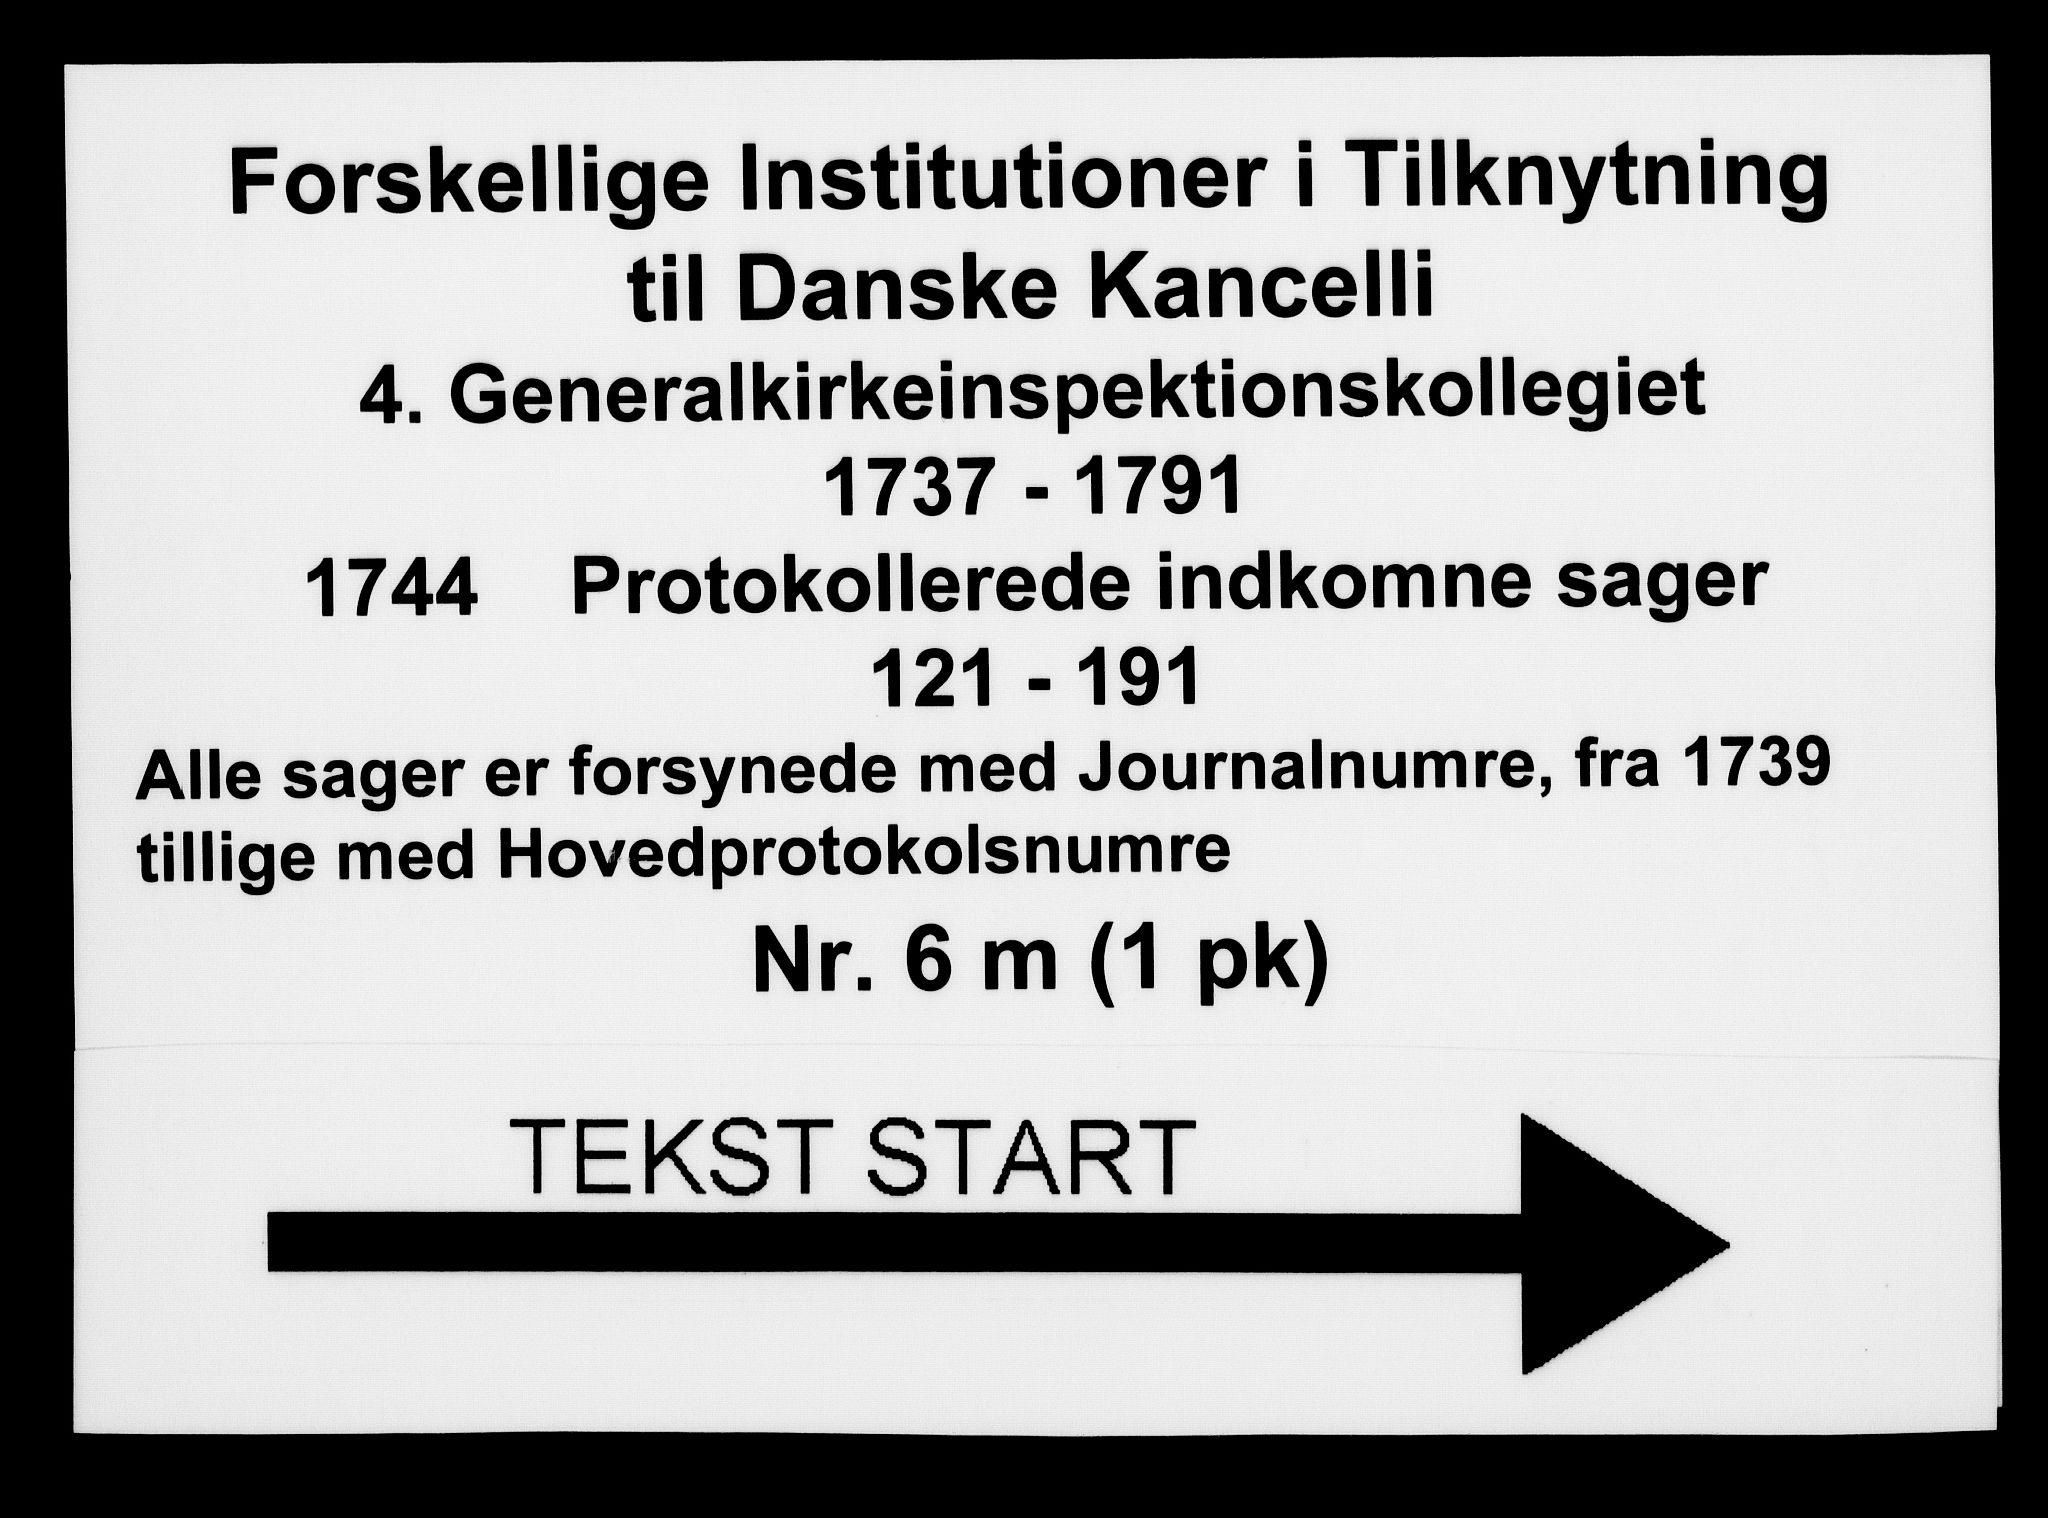 DRA, Generalkirkeinspektionskollegiet, F4-06/F4-06-13: Protokollerede indkomne sager, 1744